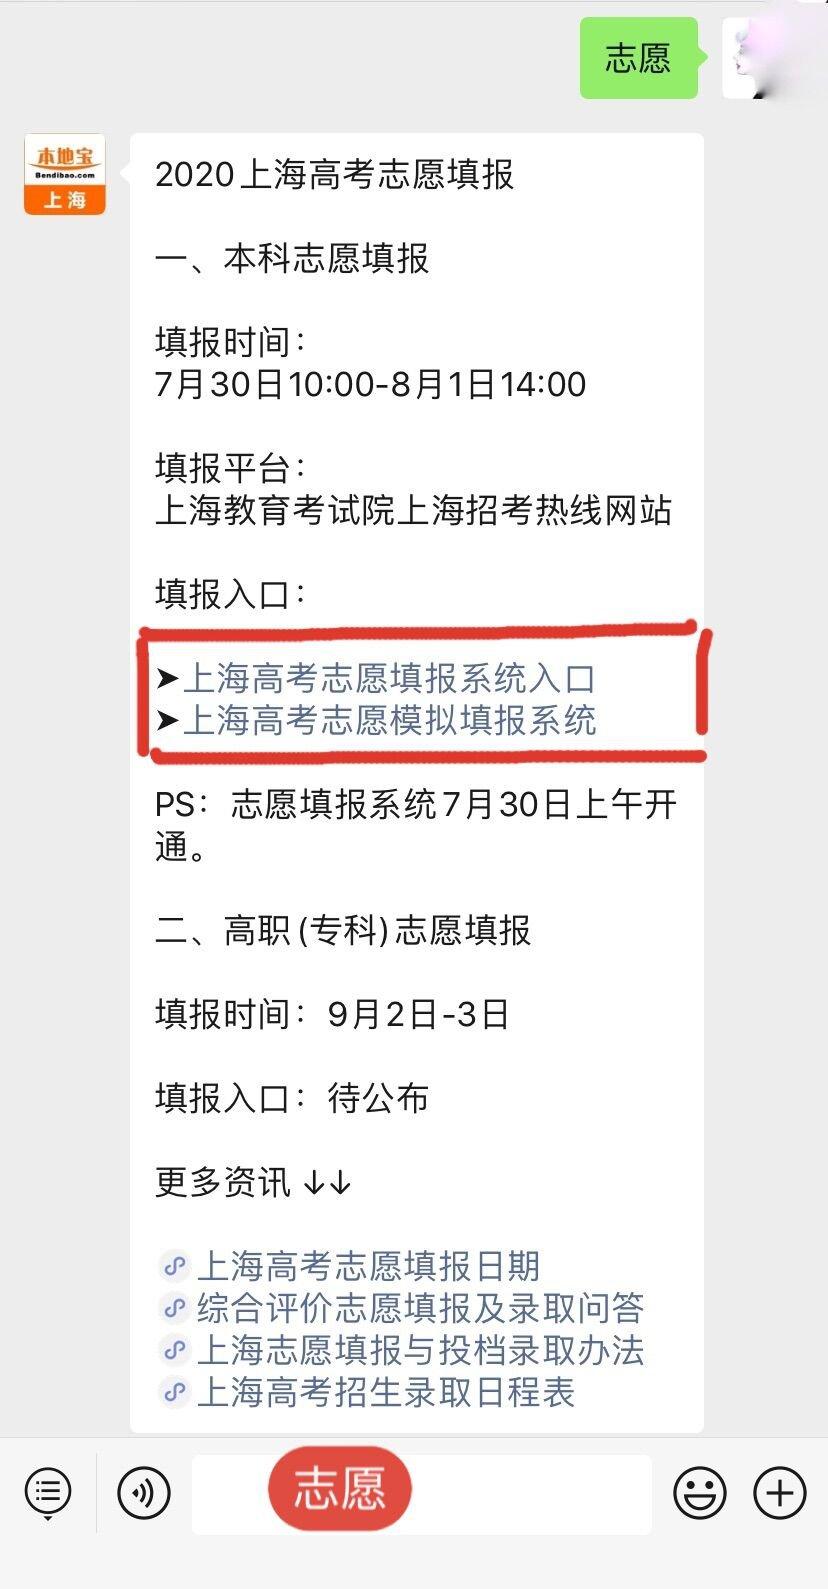 2020上海高考志愿填报日期什么时候